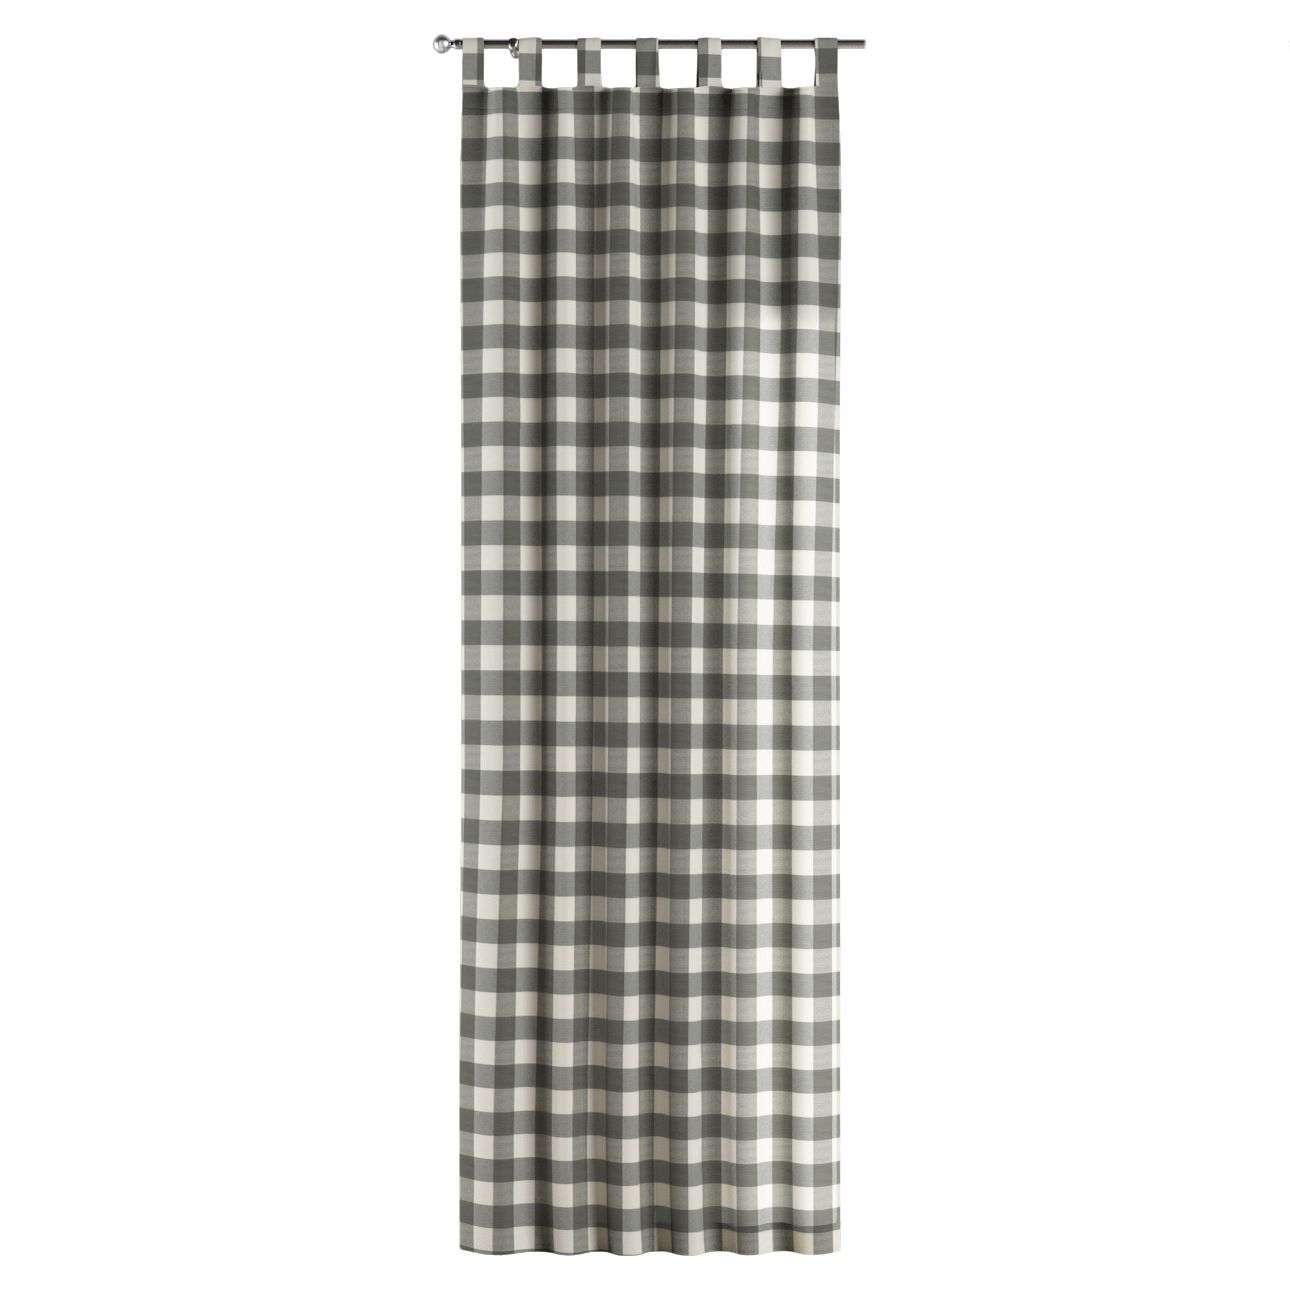 Kilpinio klostavimo užuolaidos 130 × 260 cm (plotis × ilgis) kolekcijoje Quadro, audinys: 136-13